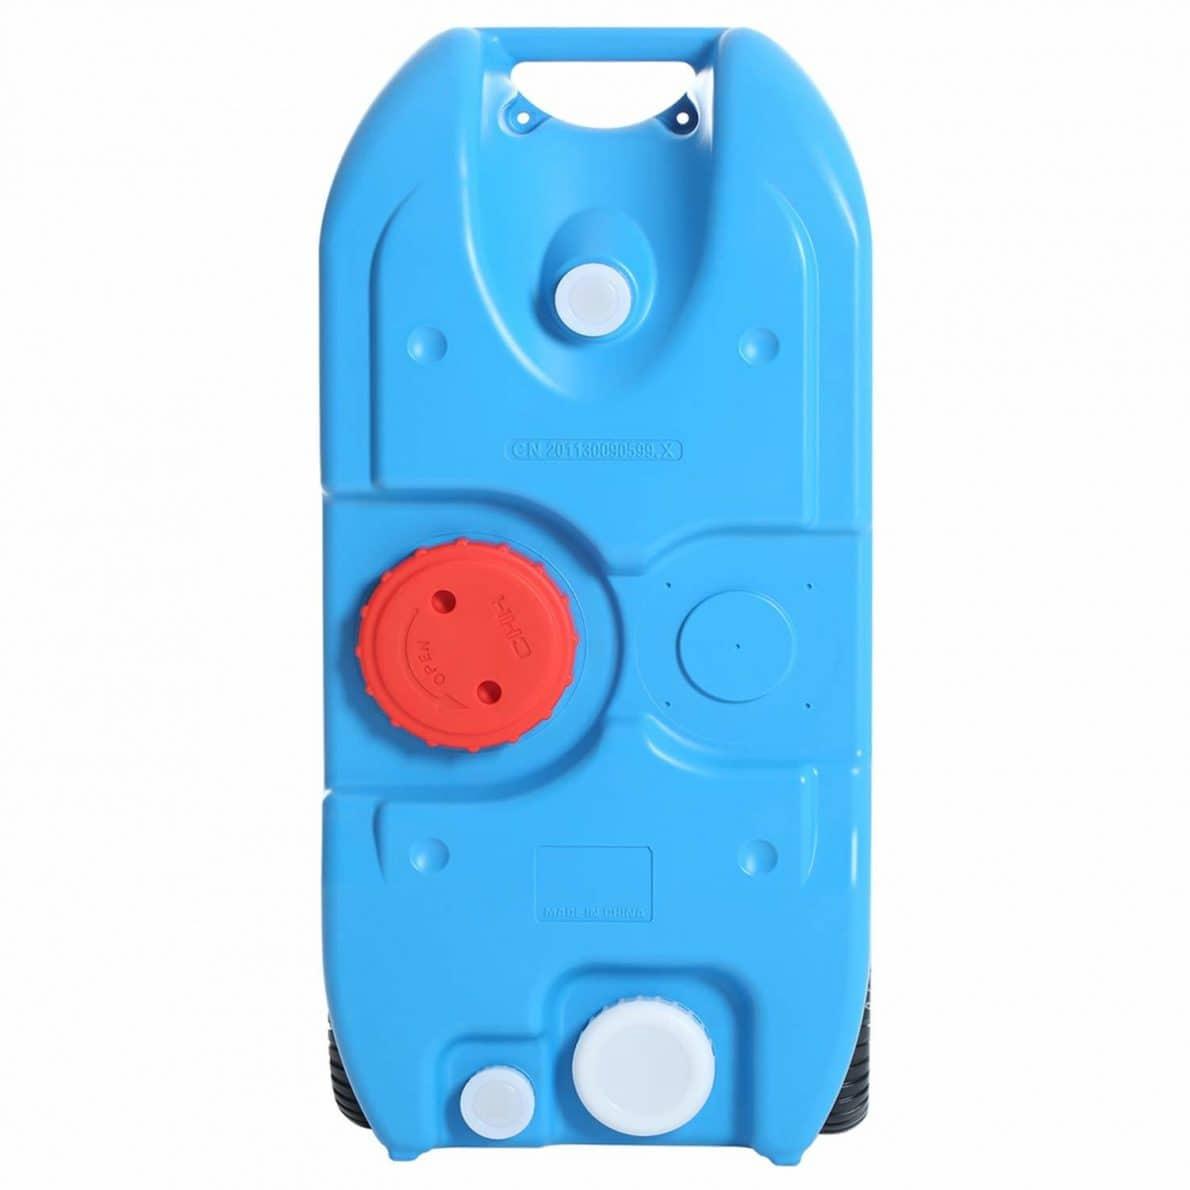 AOSGYA Portable Waste Water Holding Tank RV Water Tank